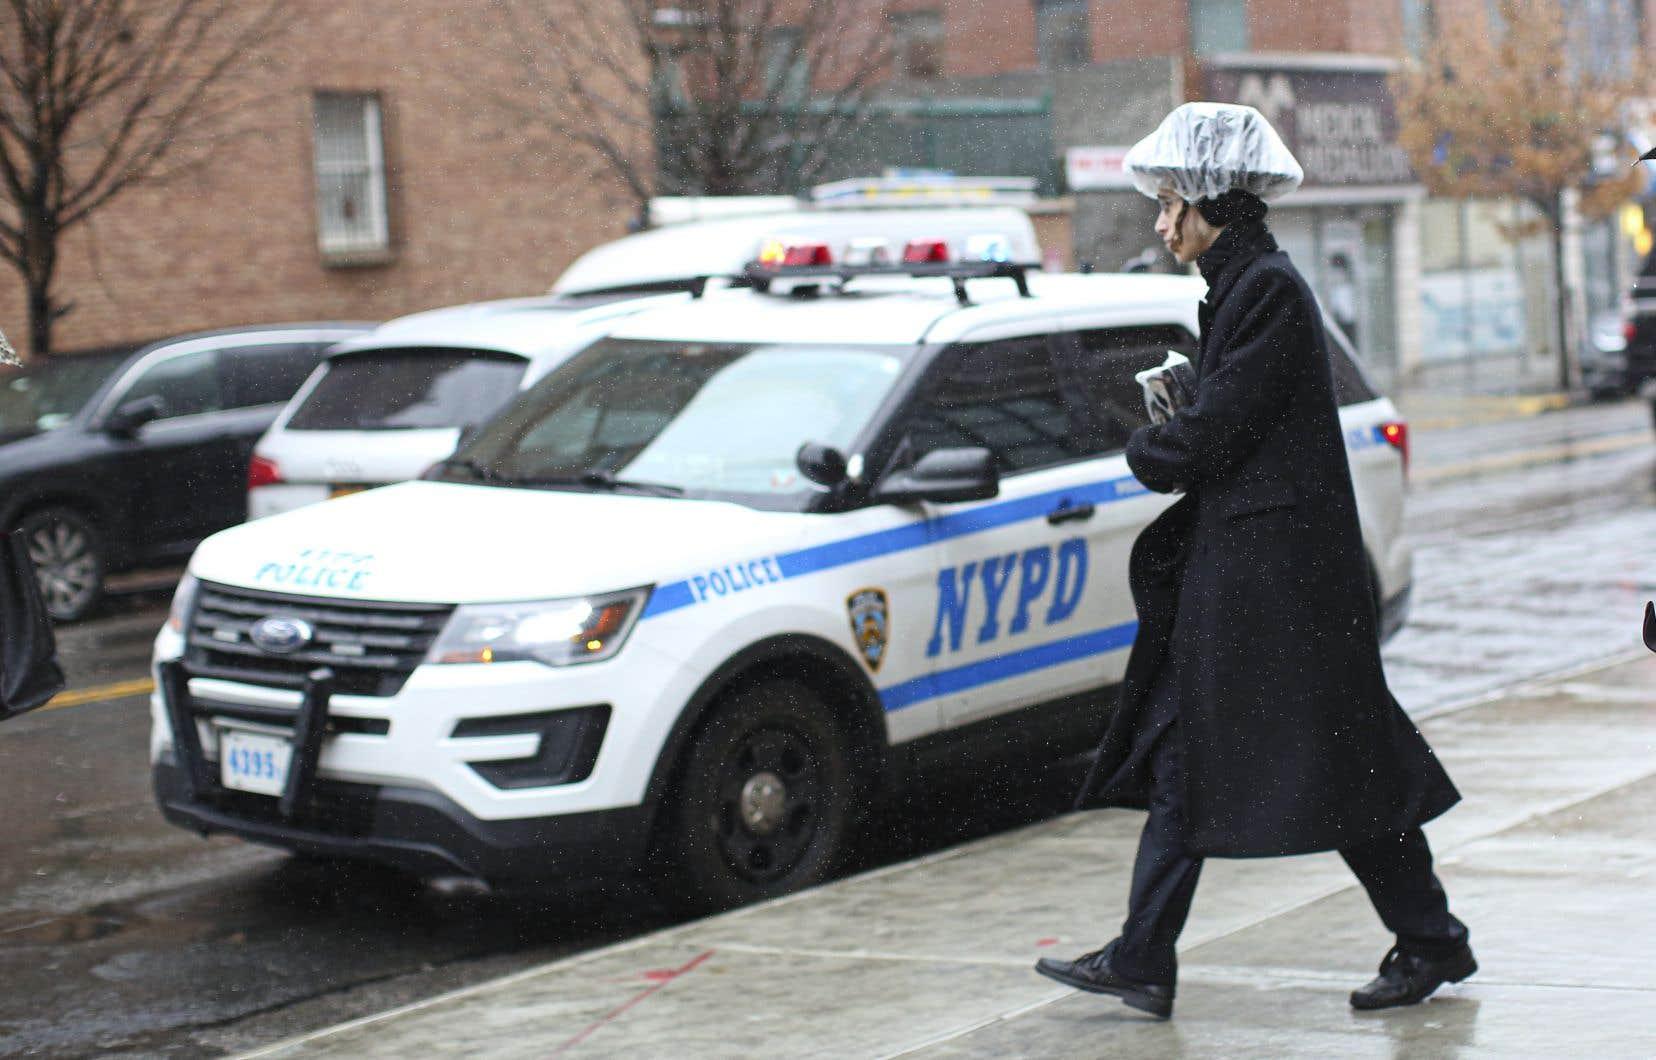 Grafton Thomasest accusé d'avoir pénétré samedi soir chez un rabbin armé,selon un témoin, d'un «grand couteau, comme une machette ou un sabre».